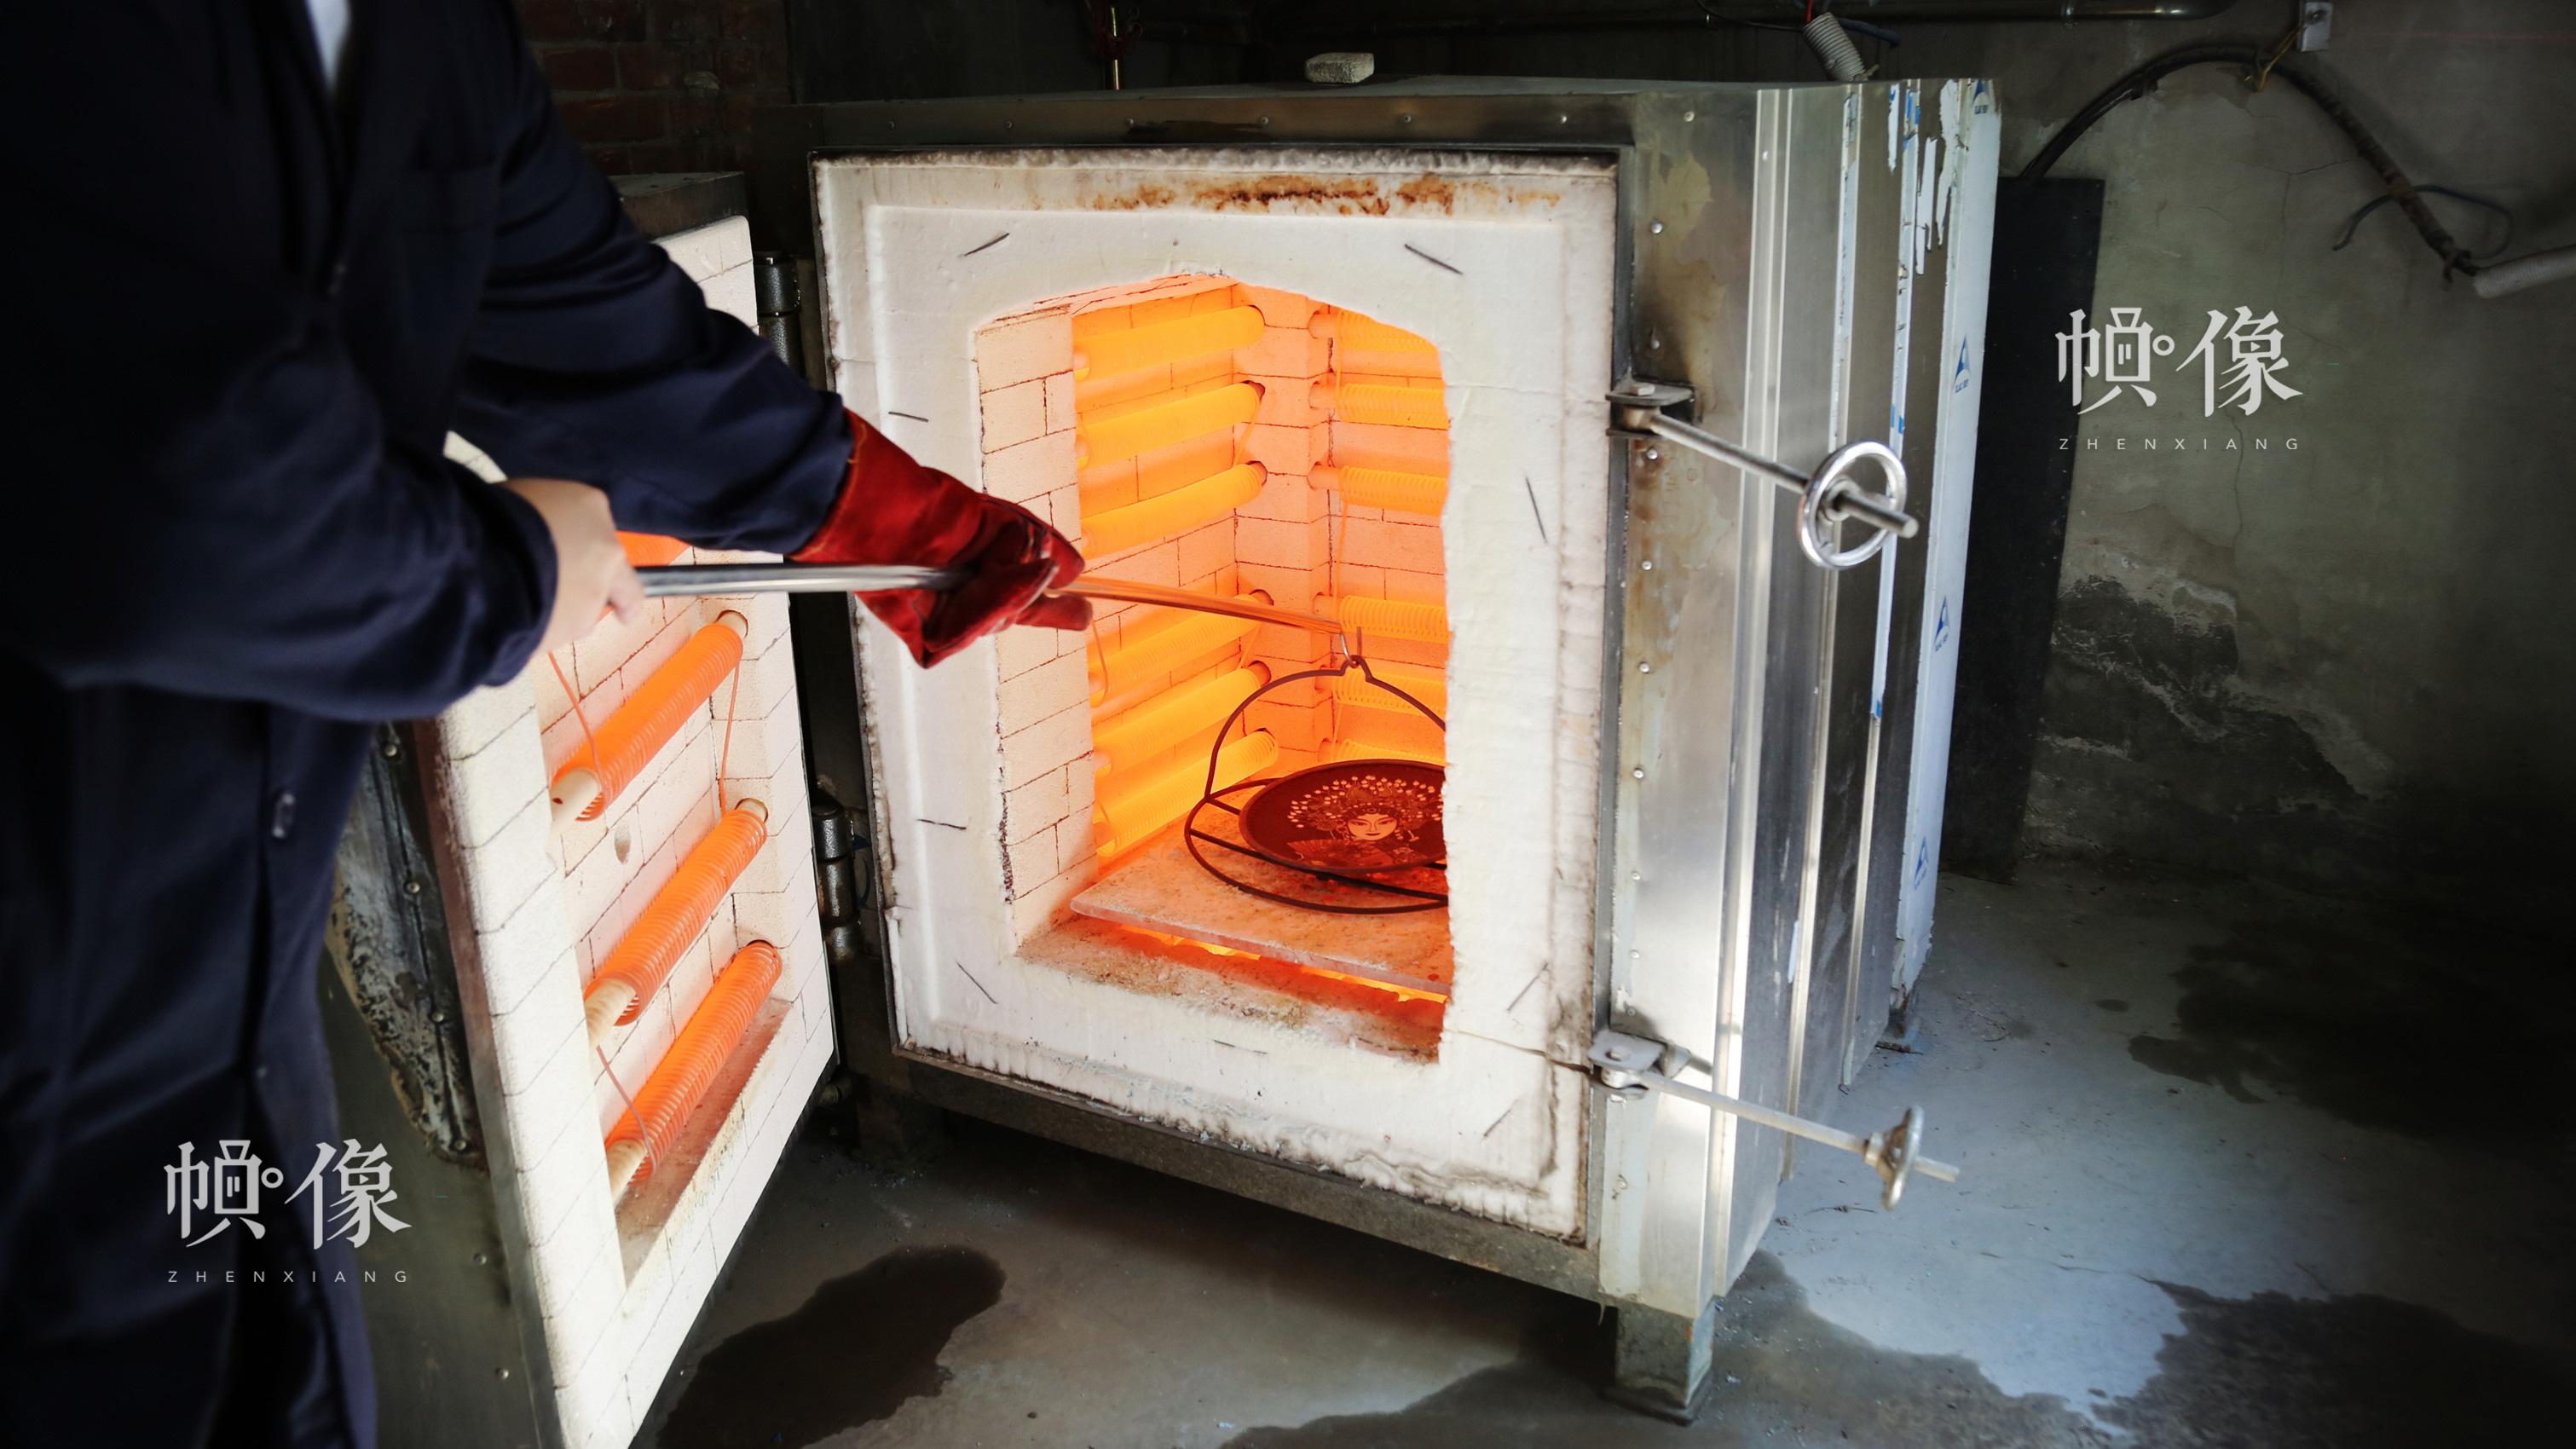 工匠把待燒的銅胚放到高溫達800多度的電火爐中燒制。中國網記者 趙超 攝